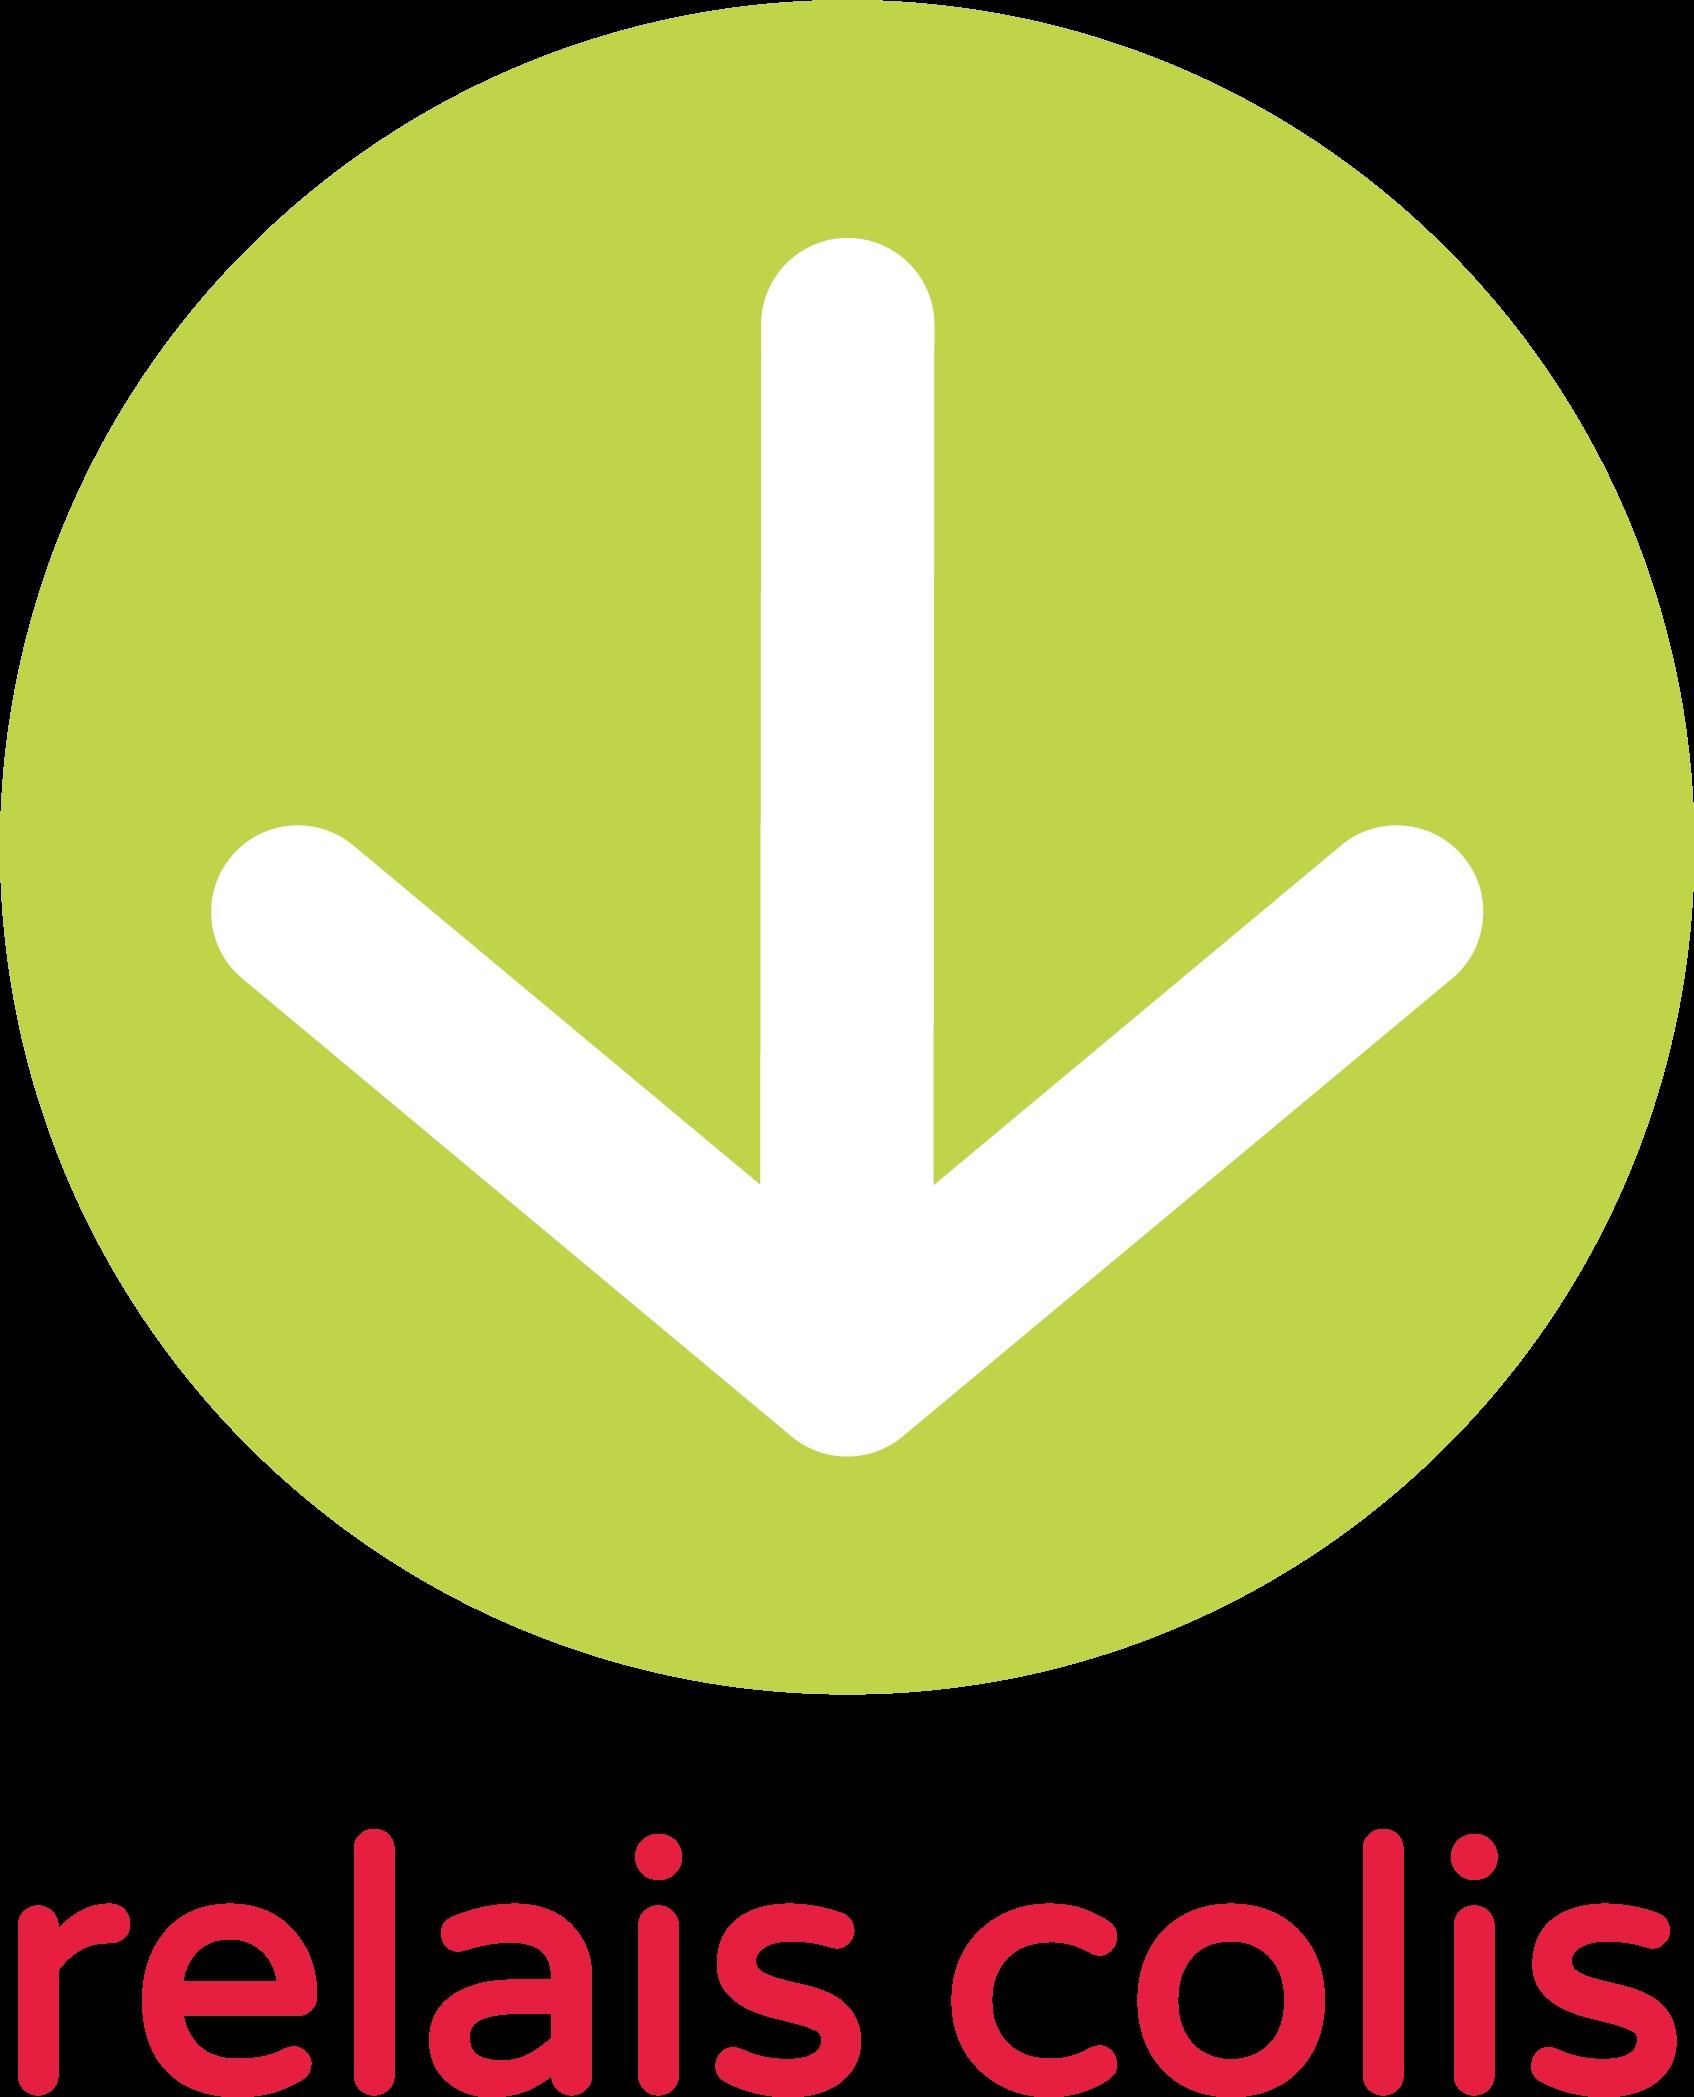 Coupon pour 1 envoi de colis via Relais Colis jusqu'à 5 kg à 3€, et pour 3 envois jusqu'à 5 kg à 6€